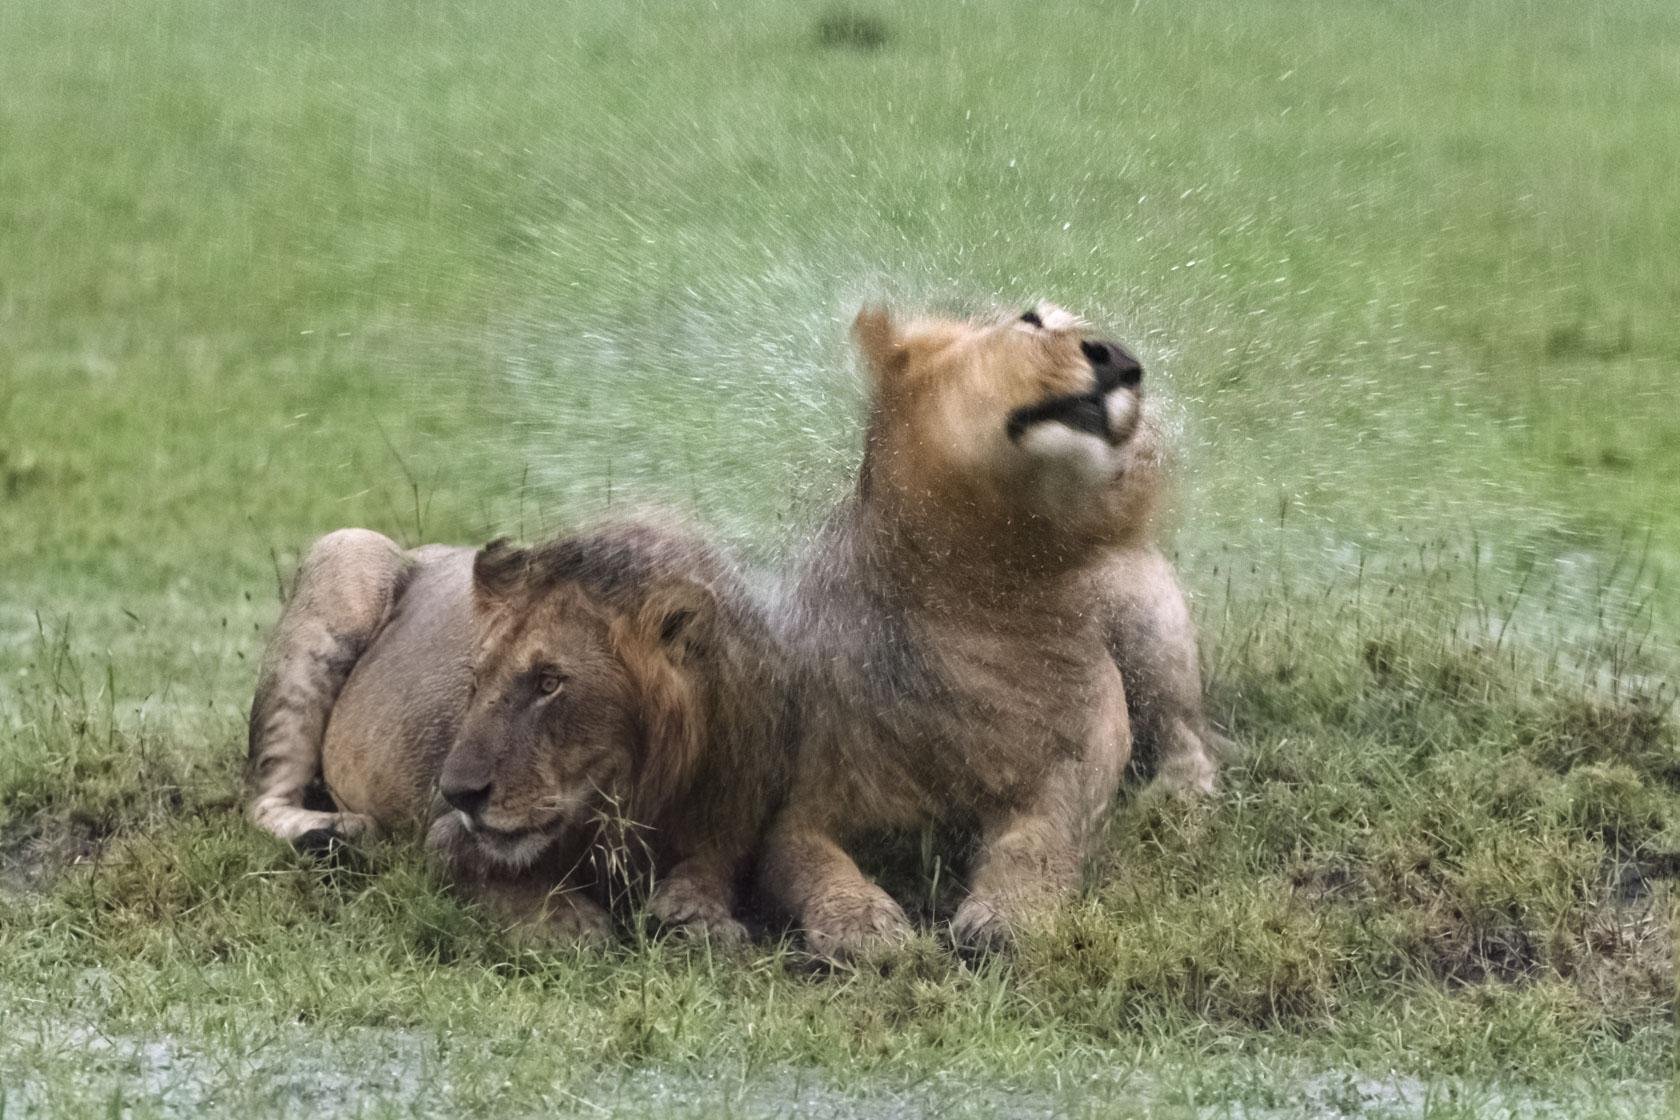 Den anderen Löwen scheint auch diese neuerliche Dusche nicht zu beeindrucken